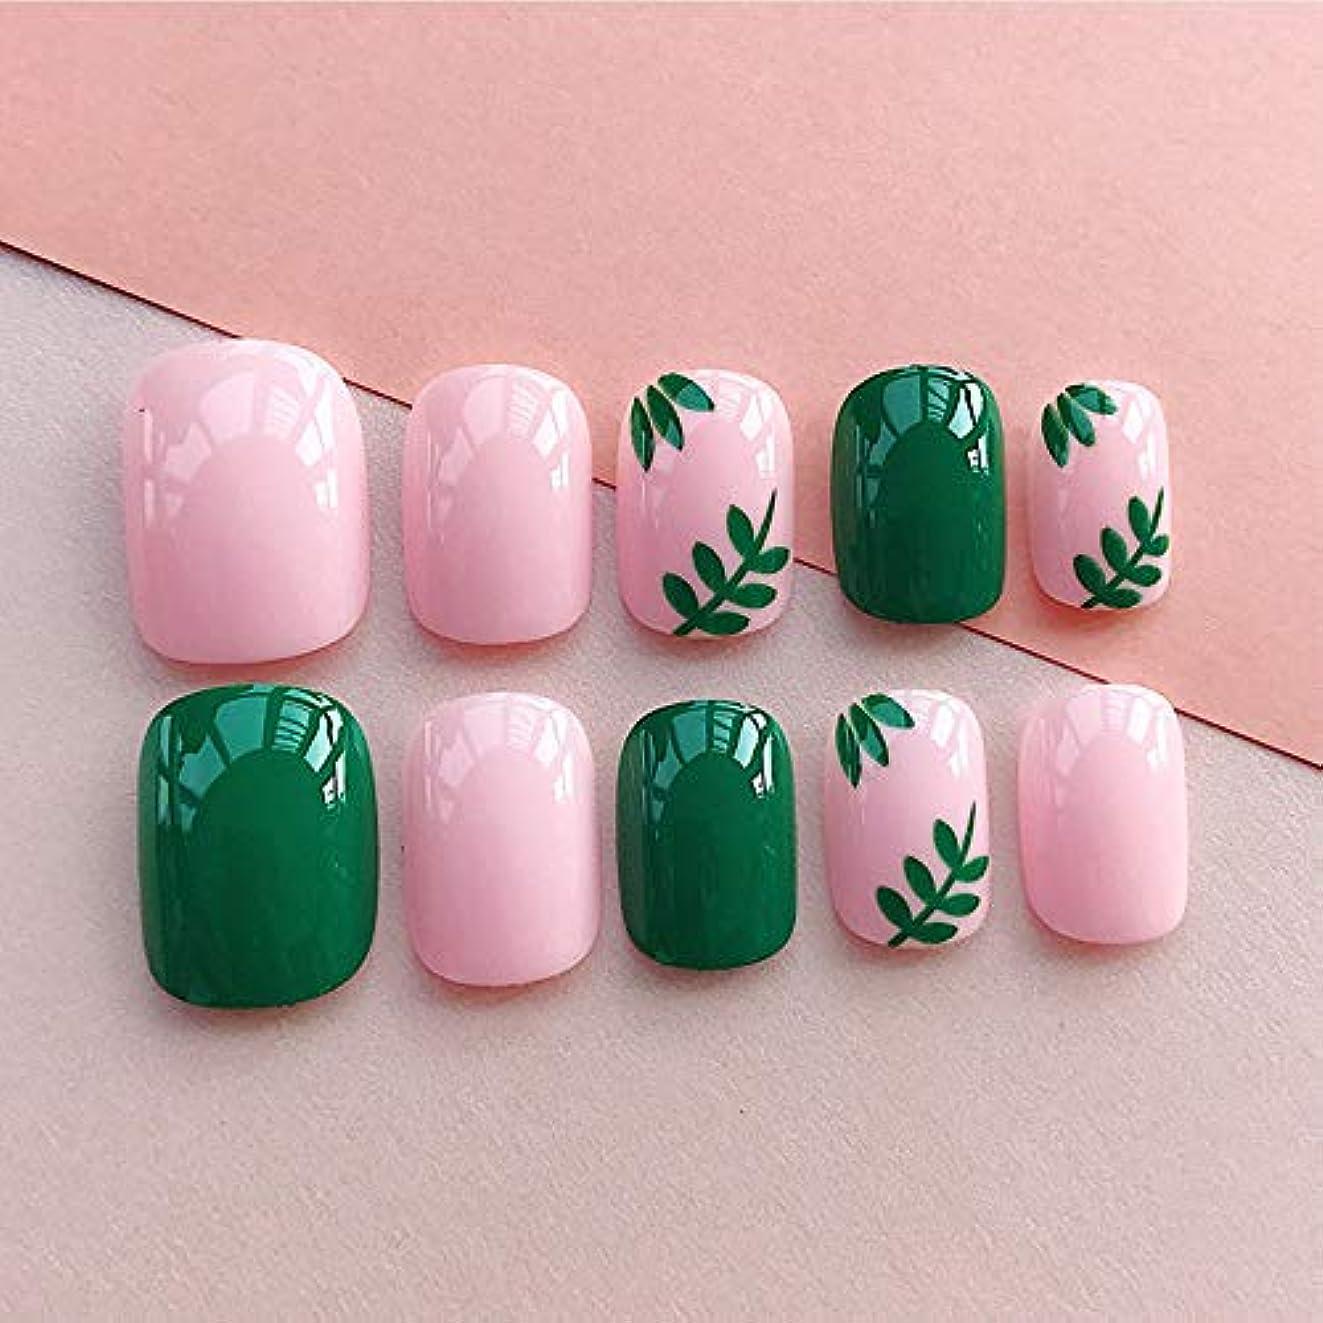 トーク変位独特のLIARTY ネイルチップ 夏の ピンク 緑の葉 優雅 短い 四角形 フルカバー 24枚 12別サイズ つ